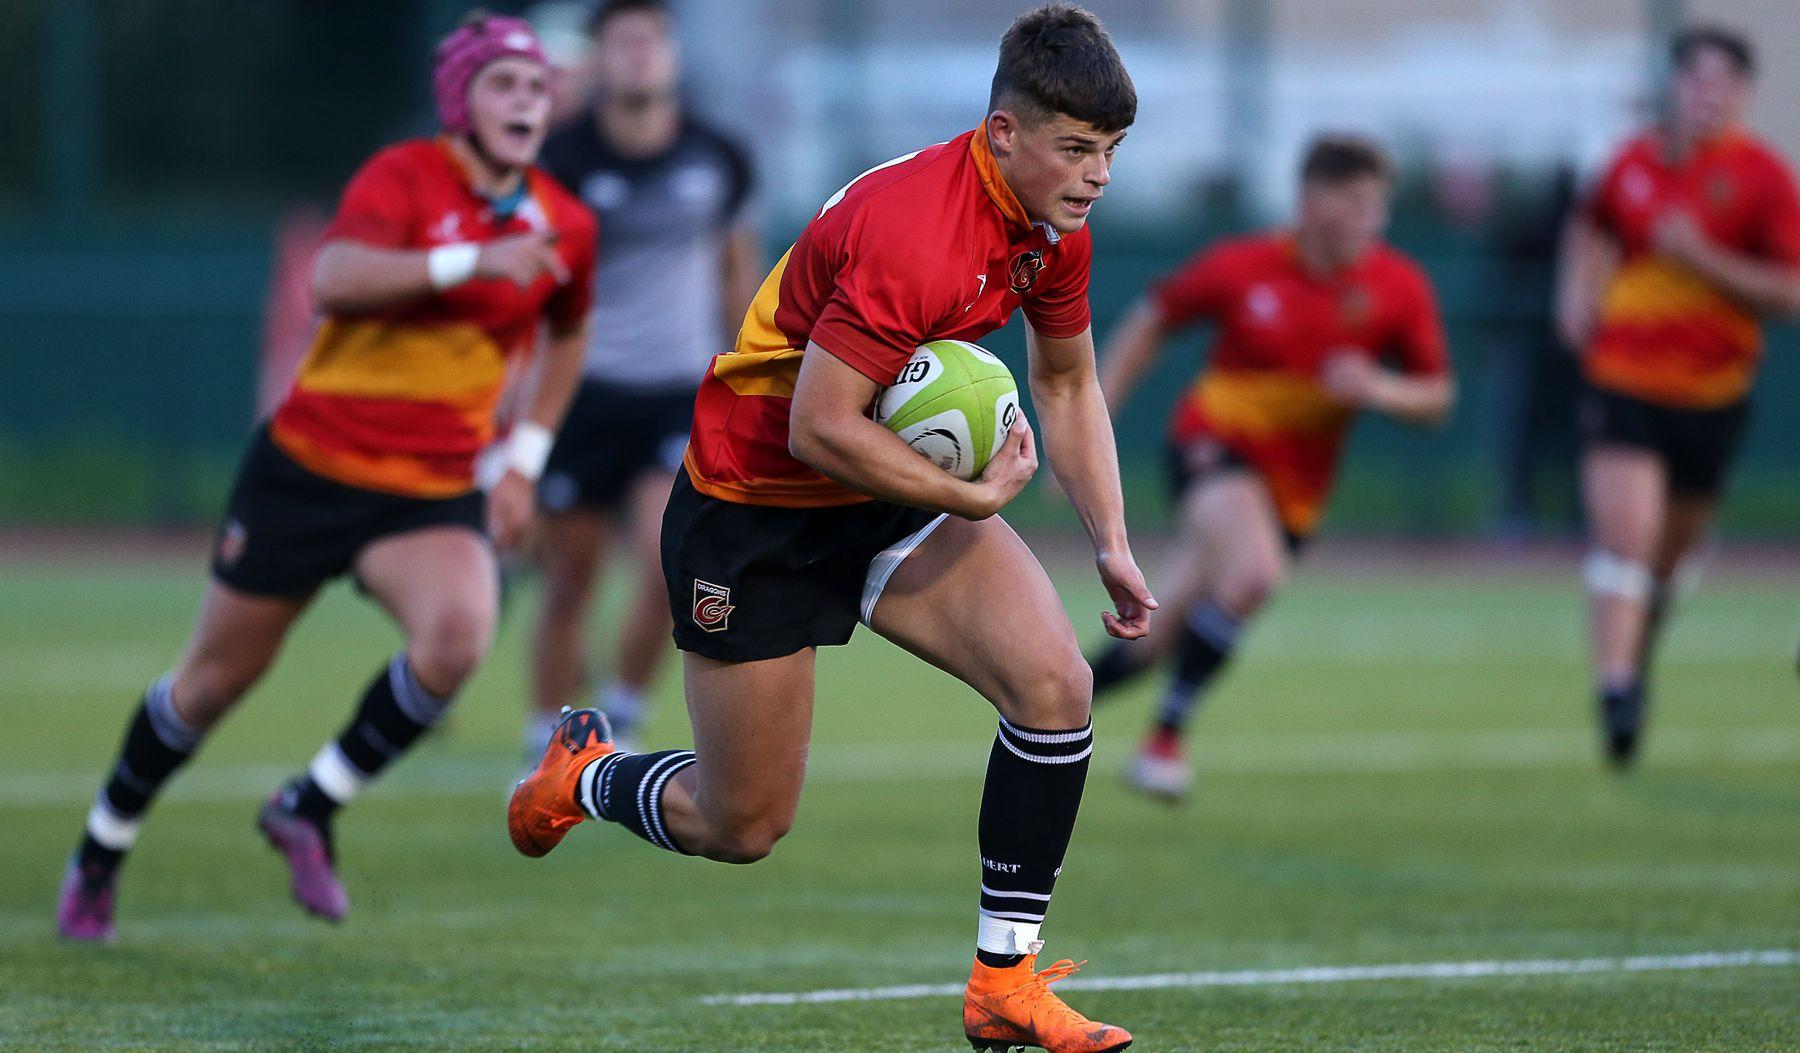 Rosser hat-trick puts Dragons U18 in command